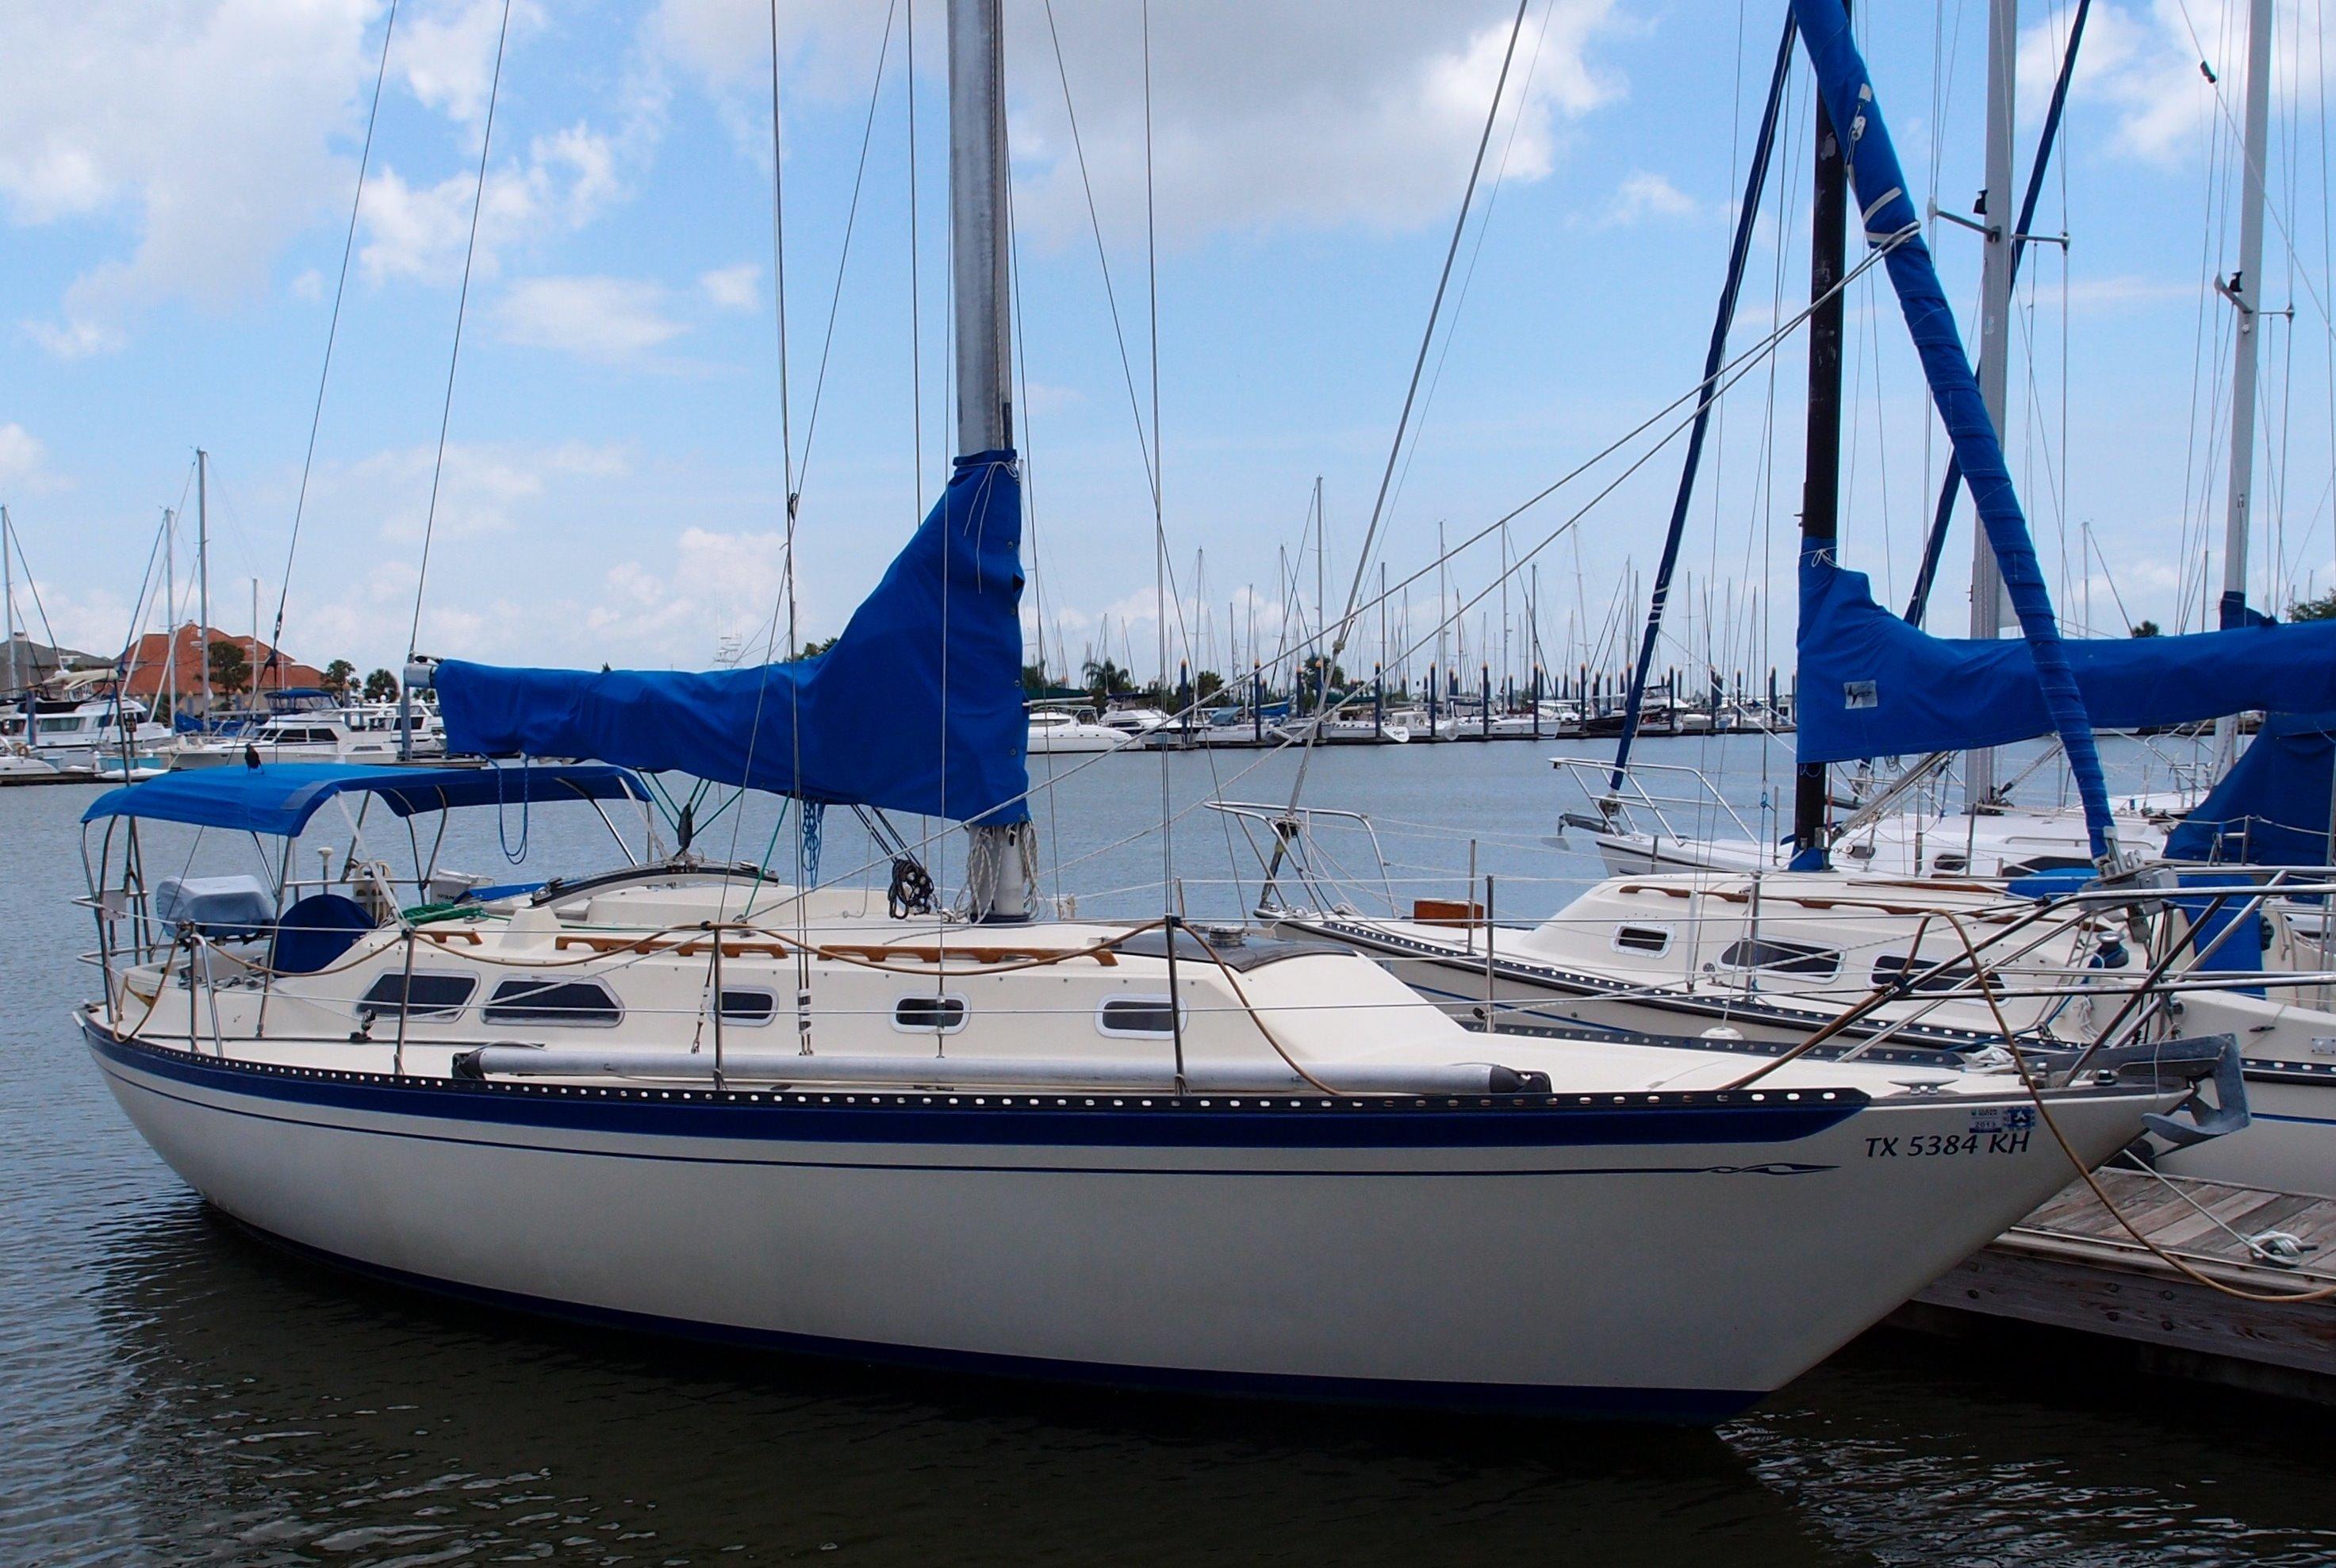 1977 Islander 36 Sail Boat For Sale - www.yachtworld.com